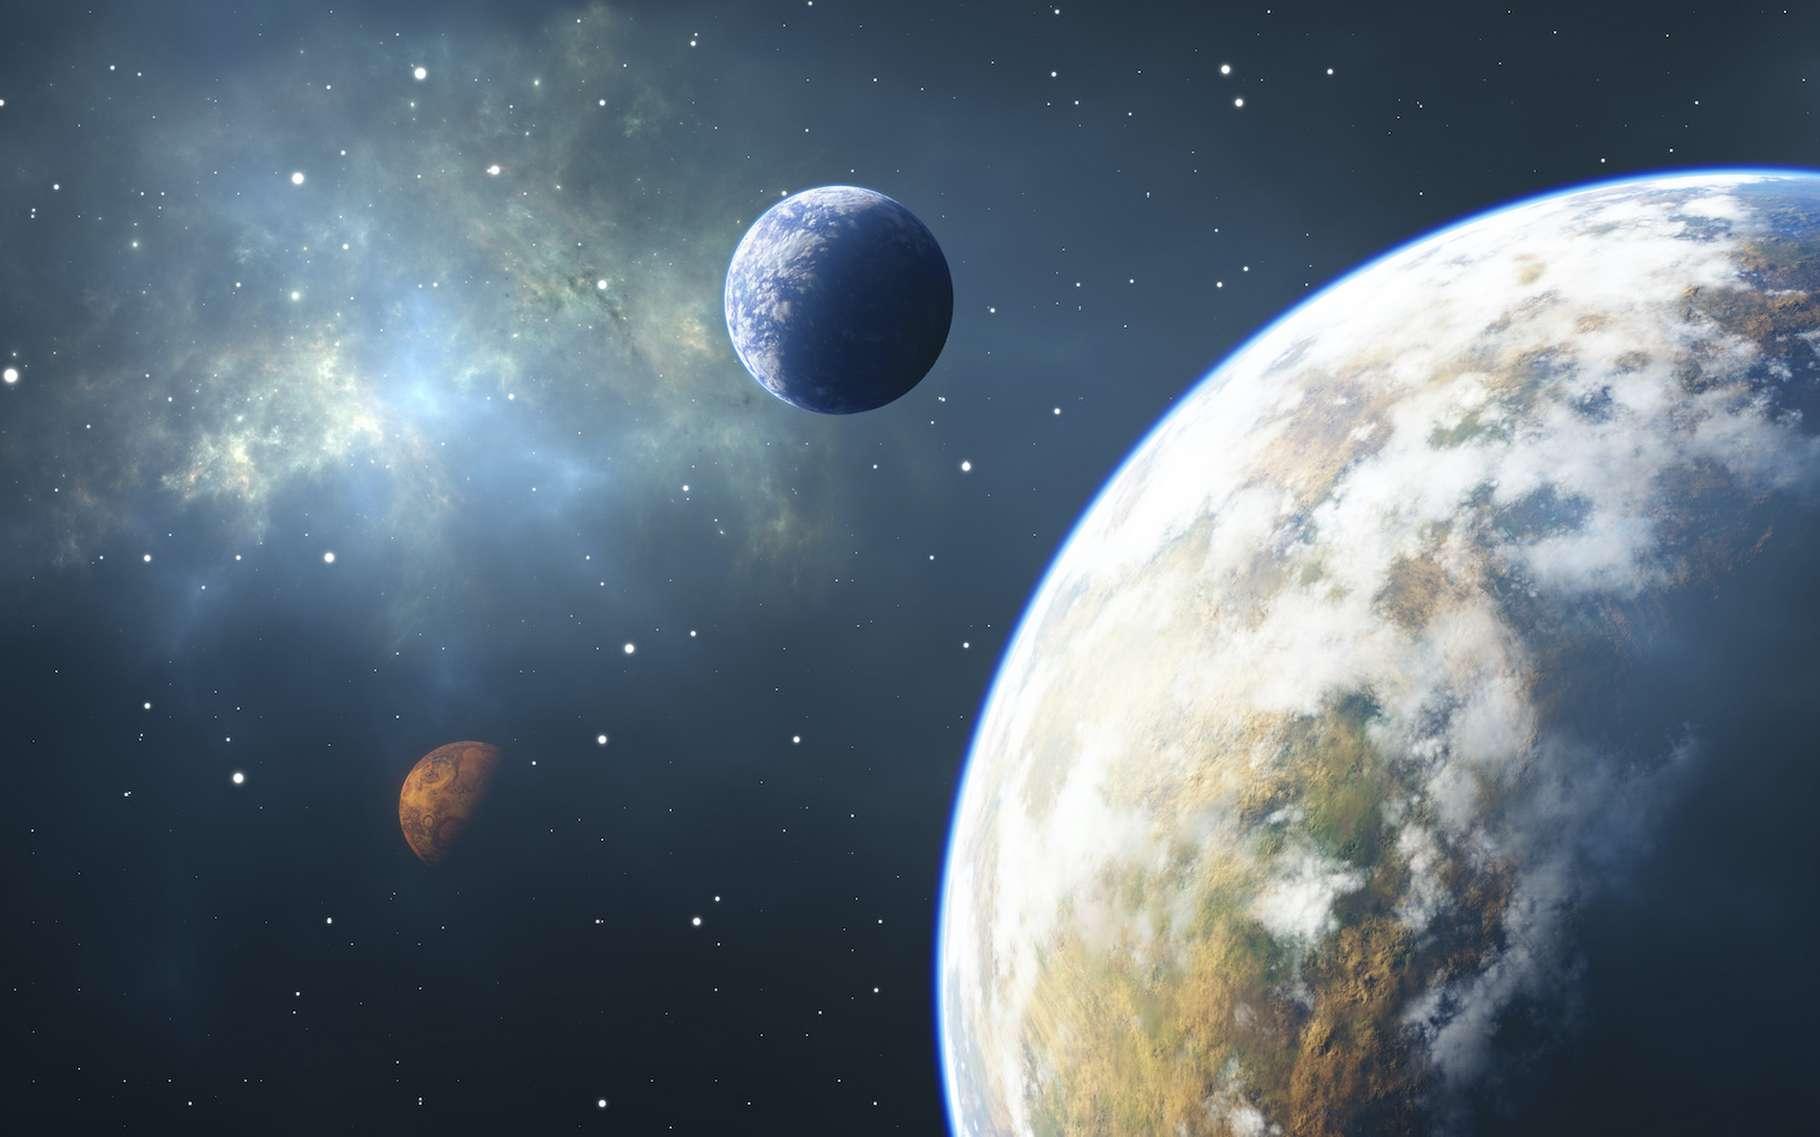 Des chercheurs de l'université de Californie à Riverside (États-Unis) estiment que les télescopes spatiaux Hubble et James Webb pourraient nous apporter de précieuses informations complémentaires concernant la composition des atmosphères des exoplanètes qui tournent autour d'étoiles de type M dans la Voie lactée. © Peter Jurik, Adobe Stock